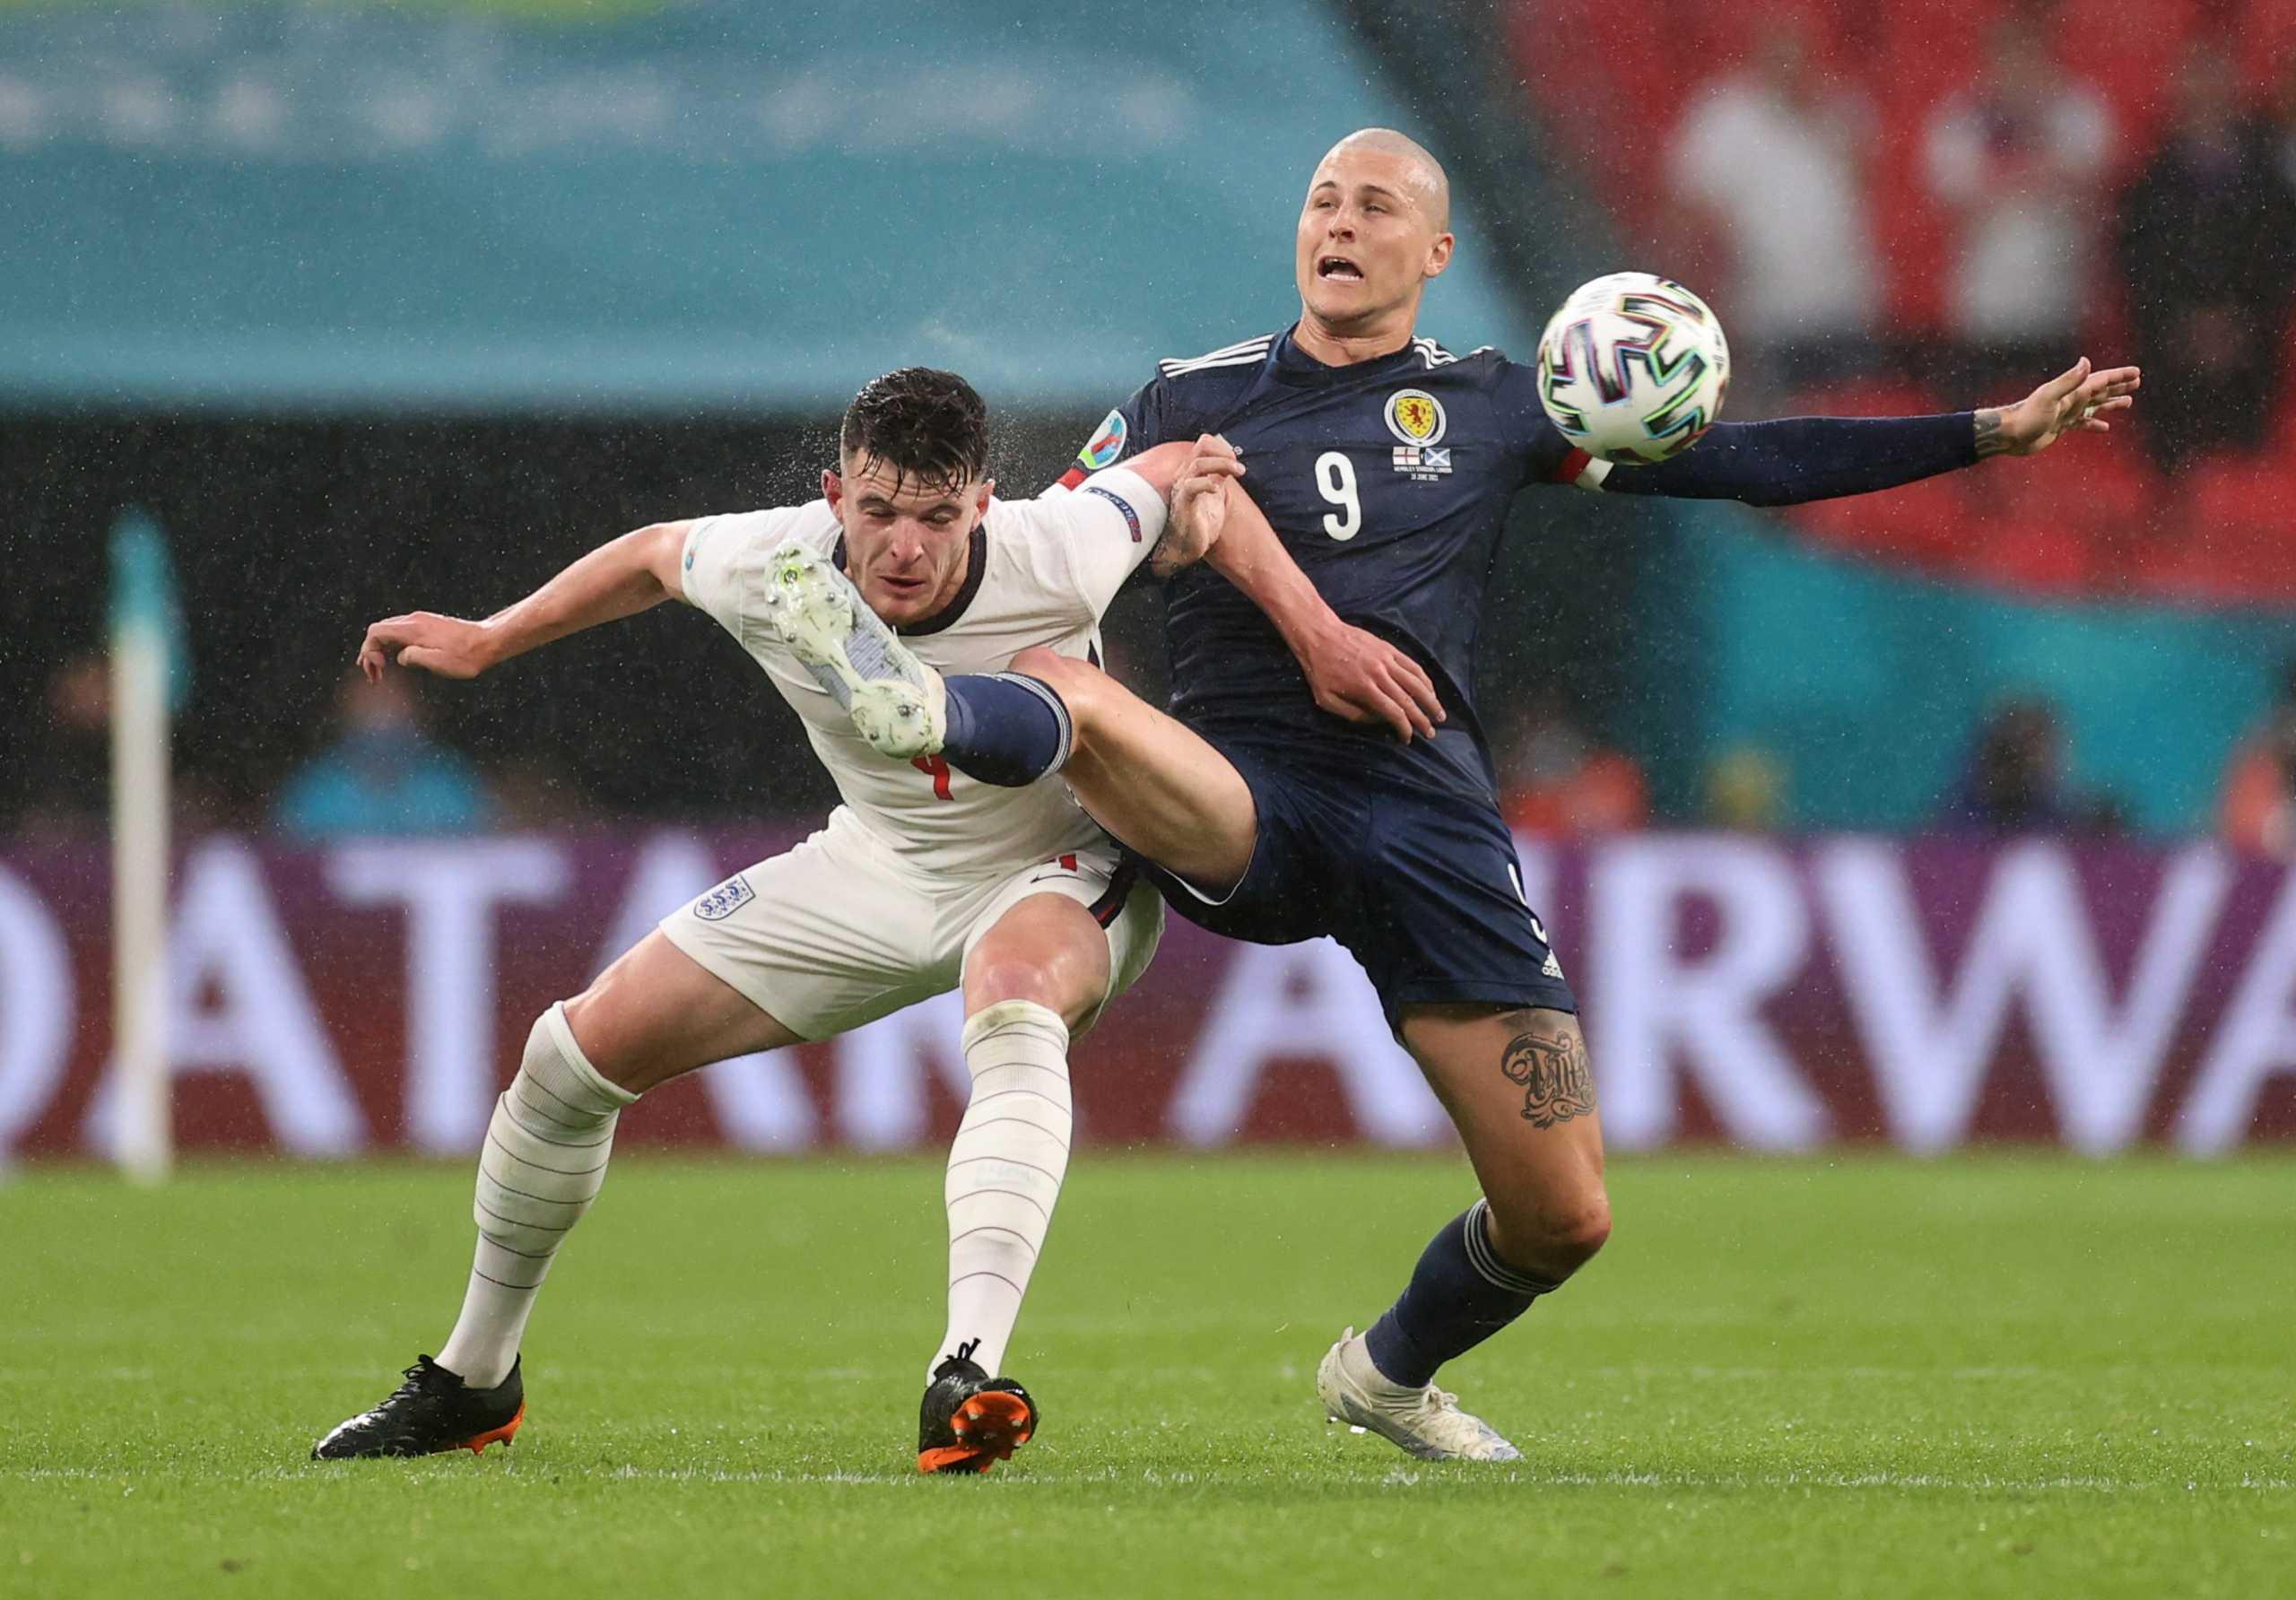 Αγγλία – Σκωτία 0-0 ΤΕΛΙΚΟ!